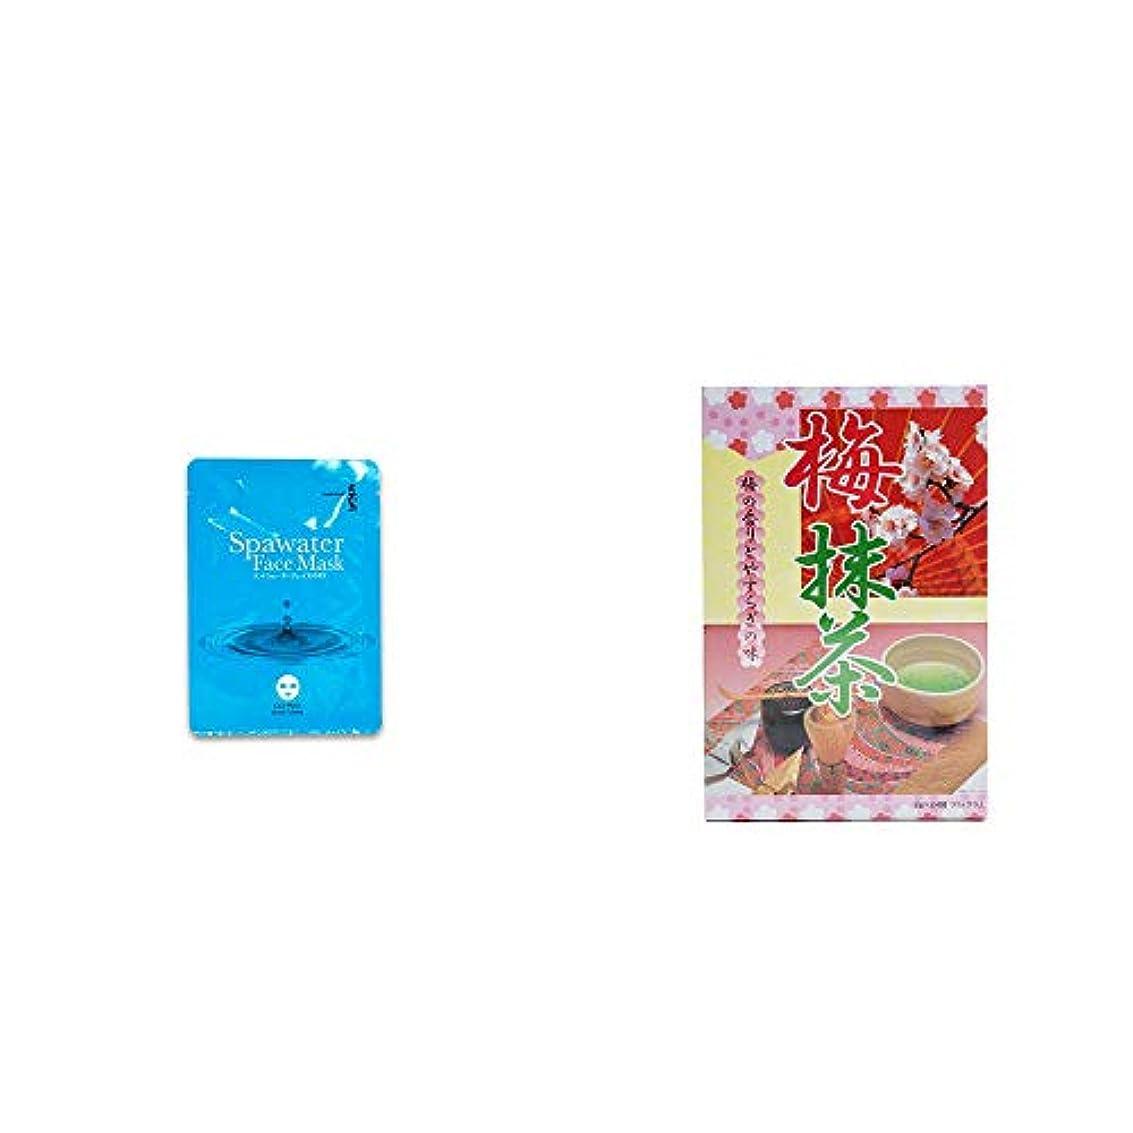 ナース砂利置換[2点セット] ひのき炭黒泉 スパウォーターフェイスマスク(18ml×3枚入)・梅抹茶[大](24袋)